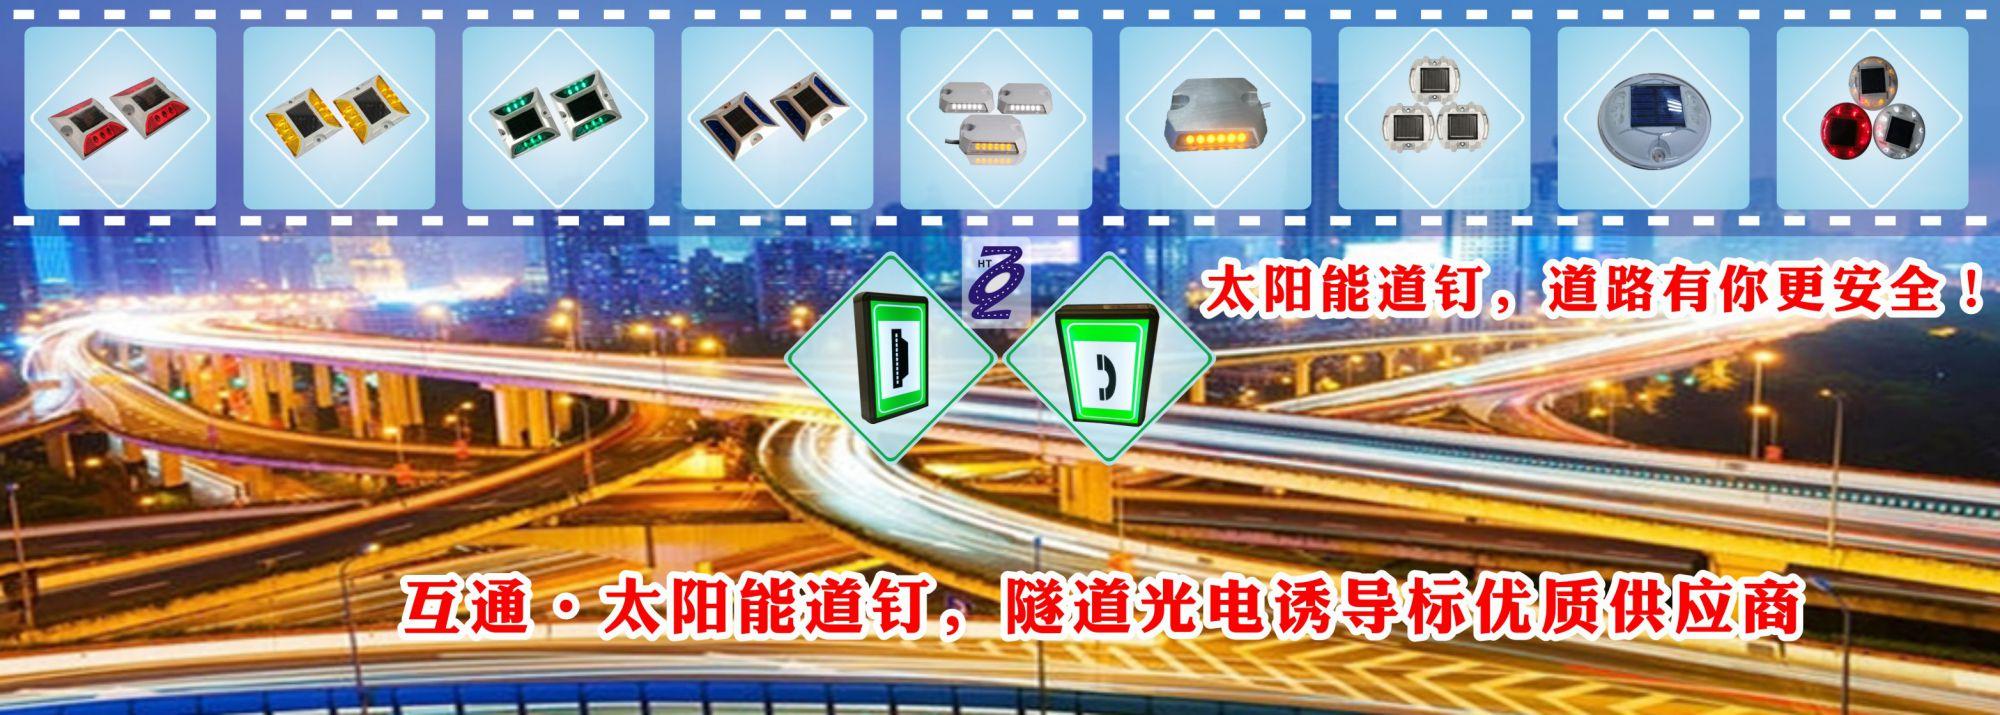 深圳市互通交通设施有限公司